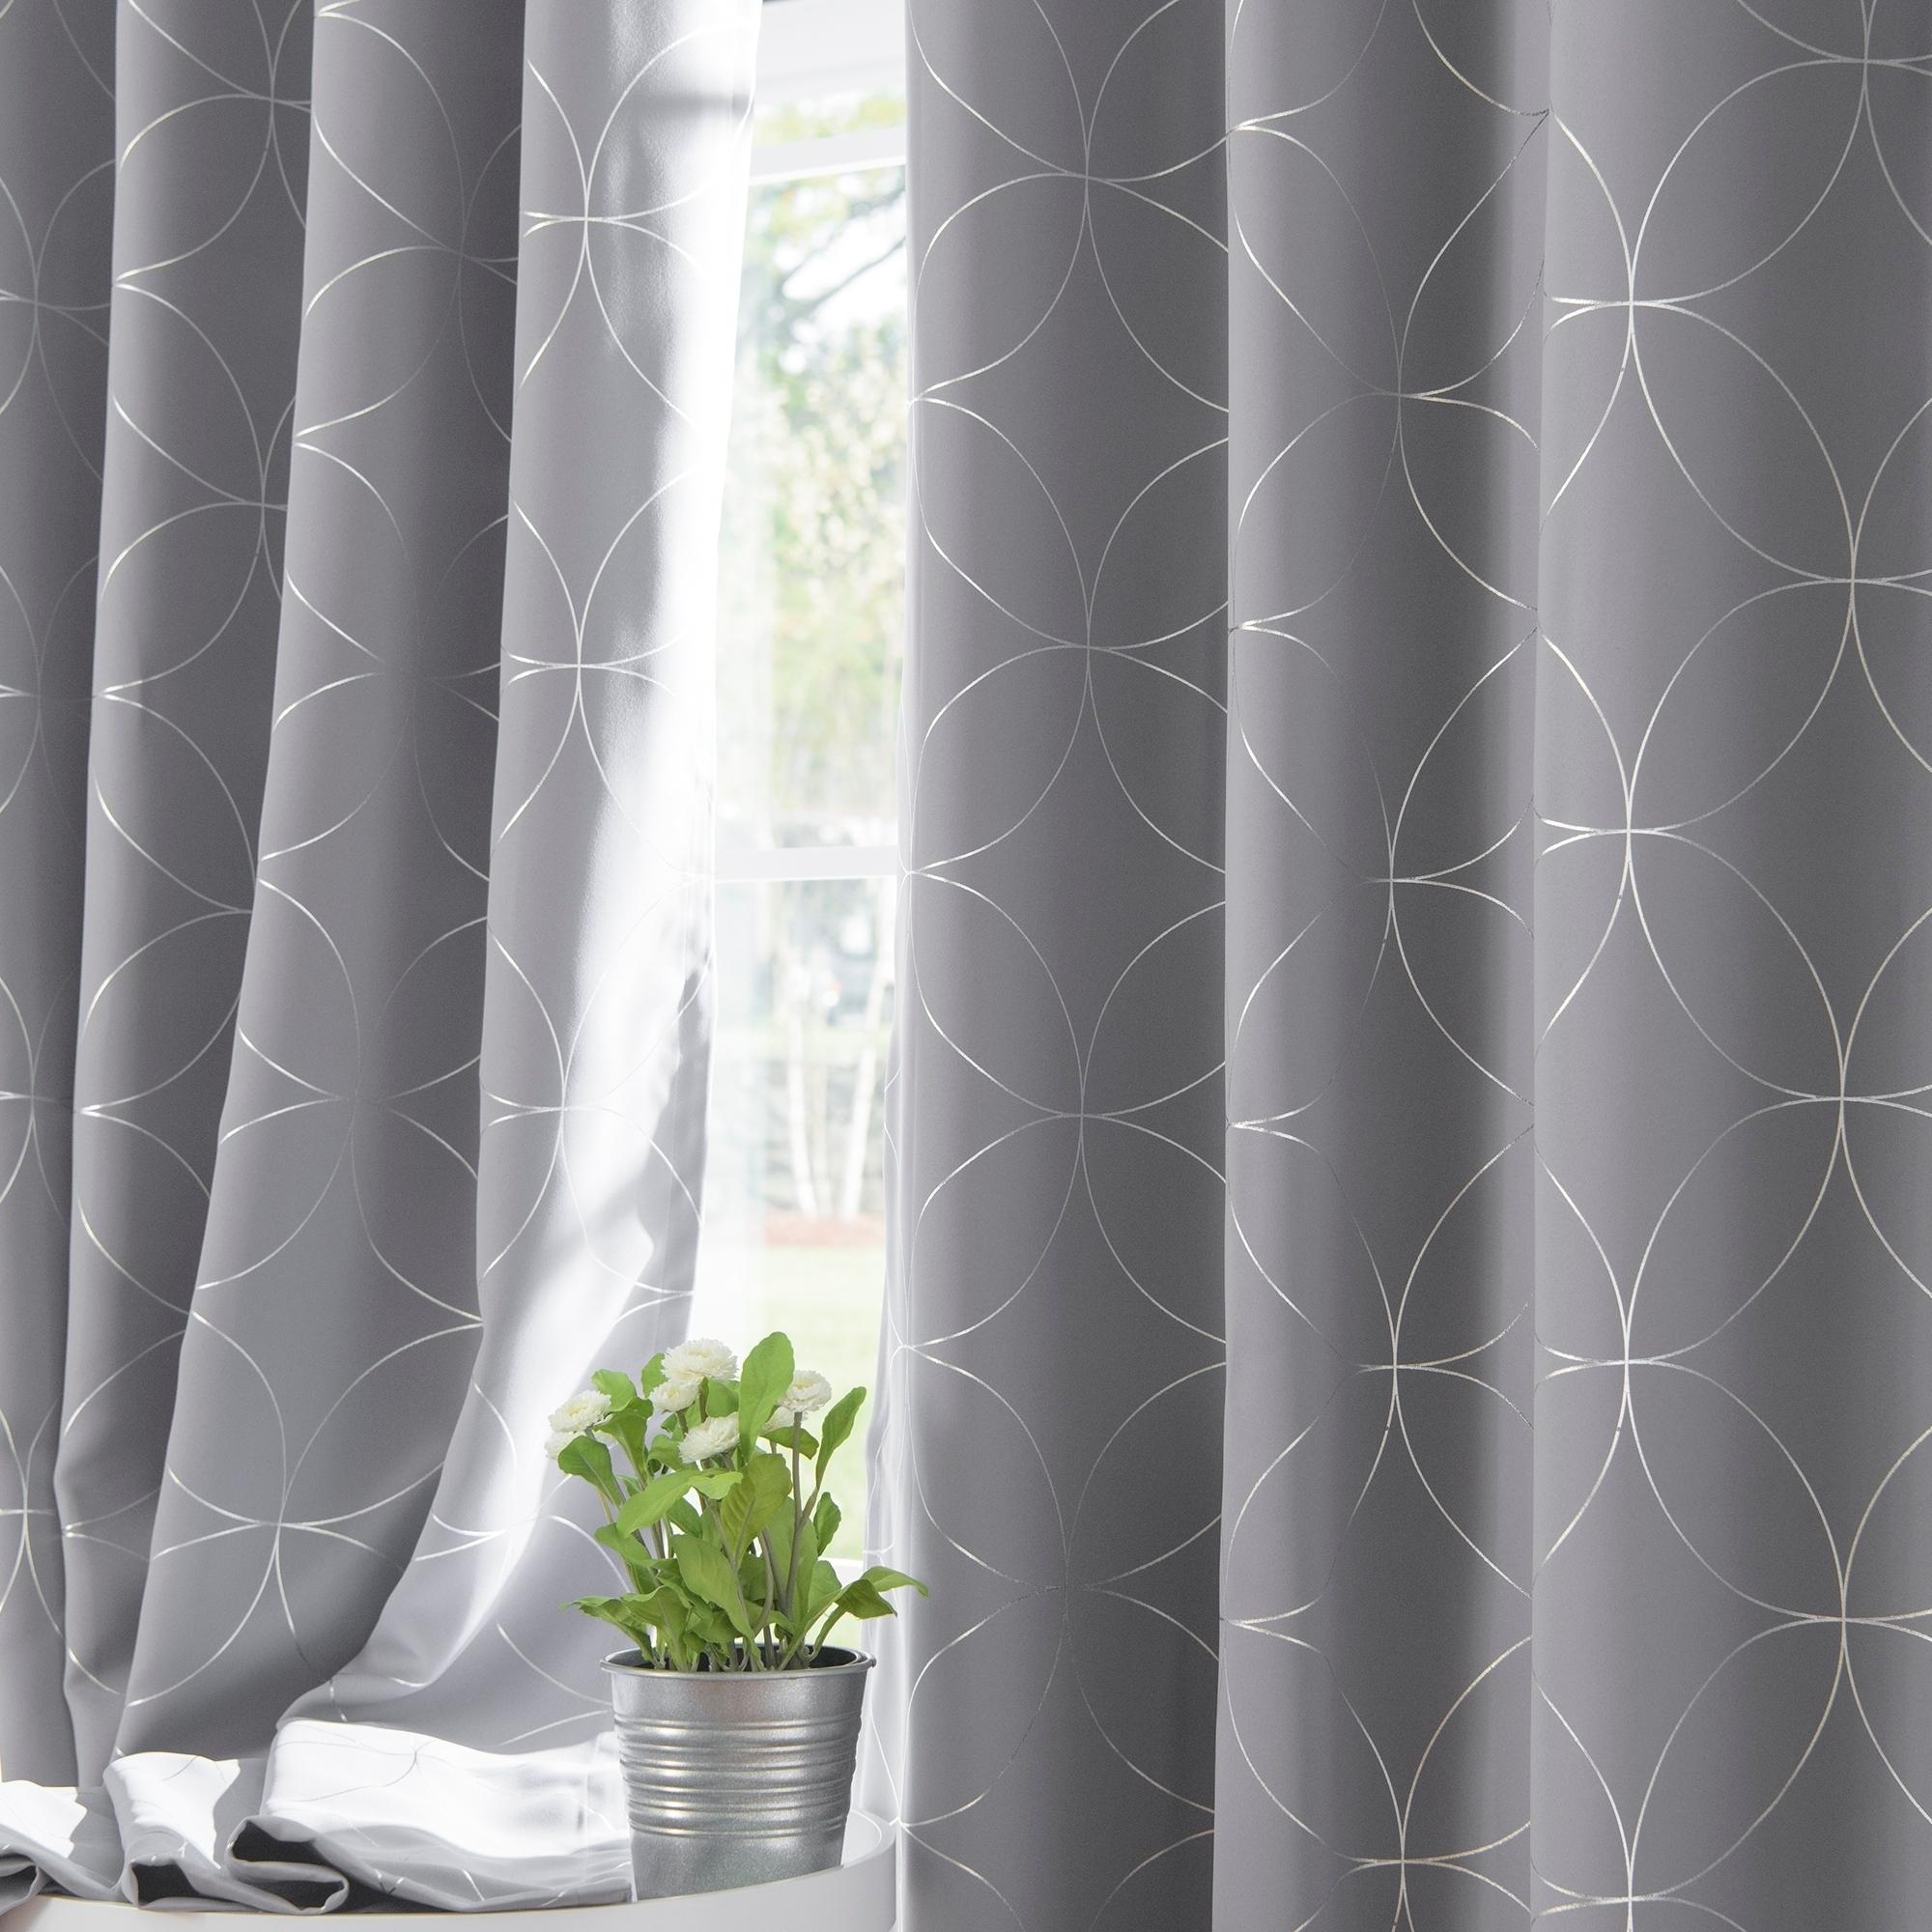 Shop Aurora Home Circle 84 Inch Foil Printed Blackout Curtain Panel Pair